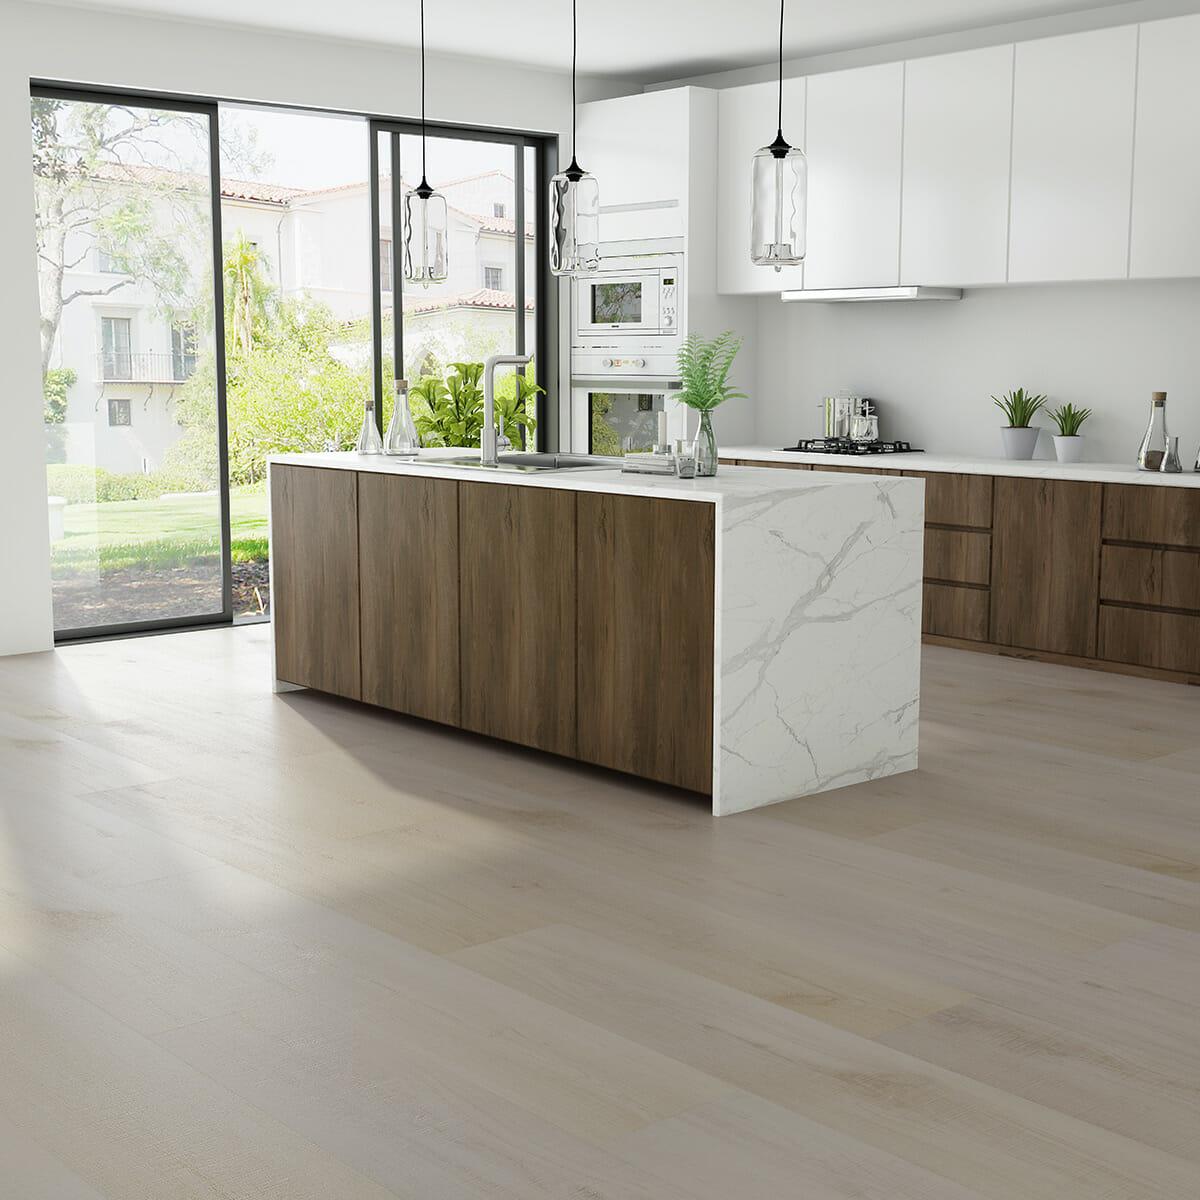 Vinylboden für die Küche – wasserresistent und robust